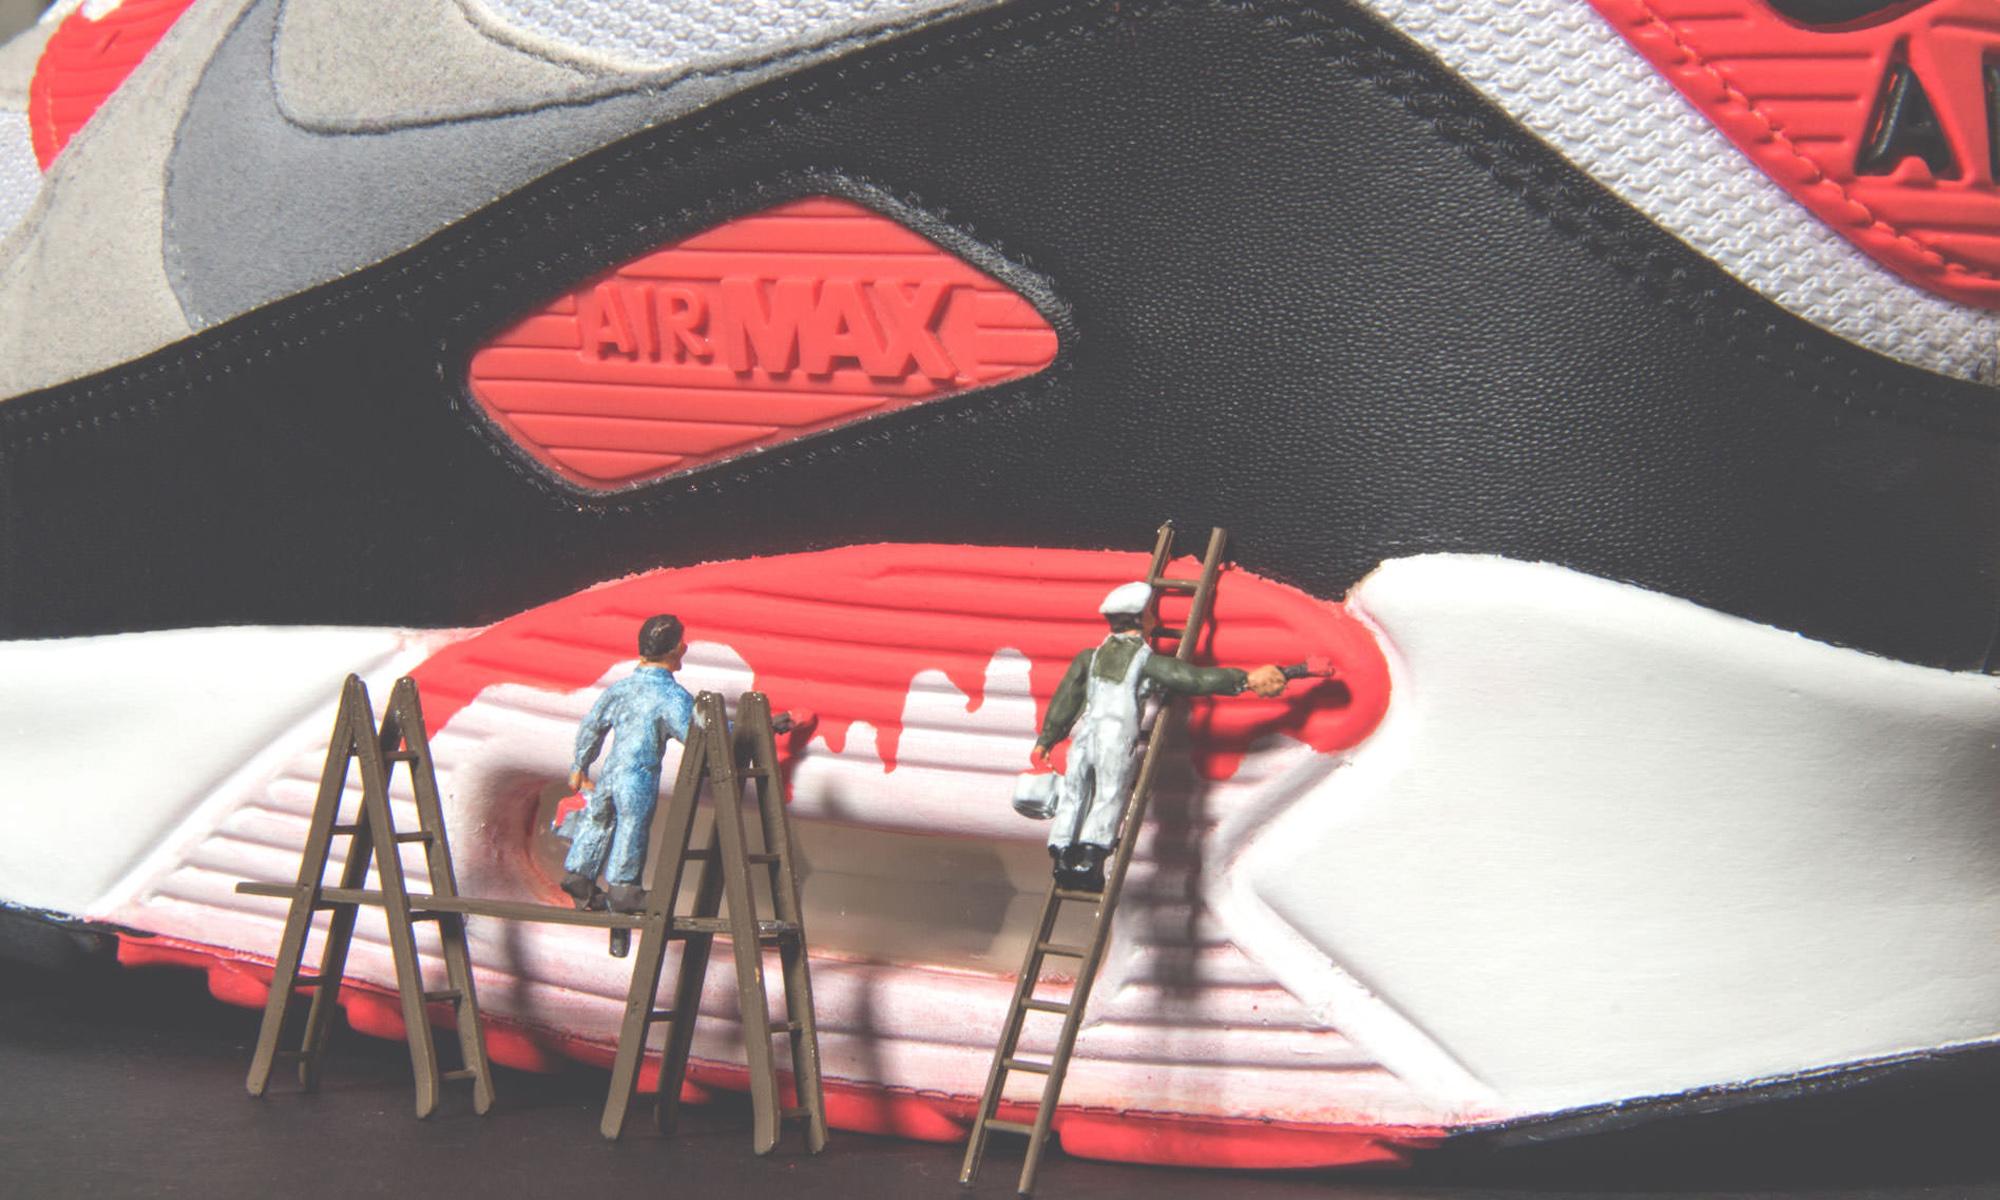 乘着球鞋的浪潮「搞」艺术,好不好搞?